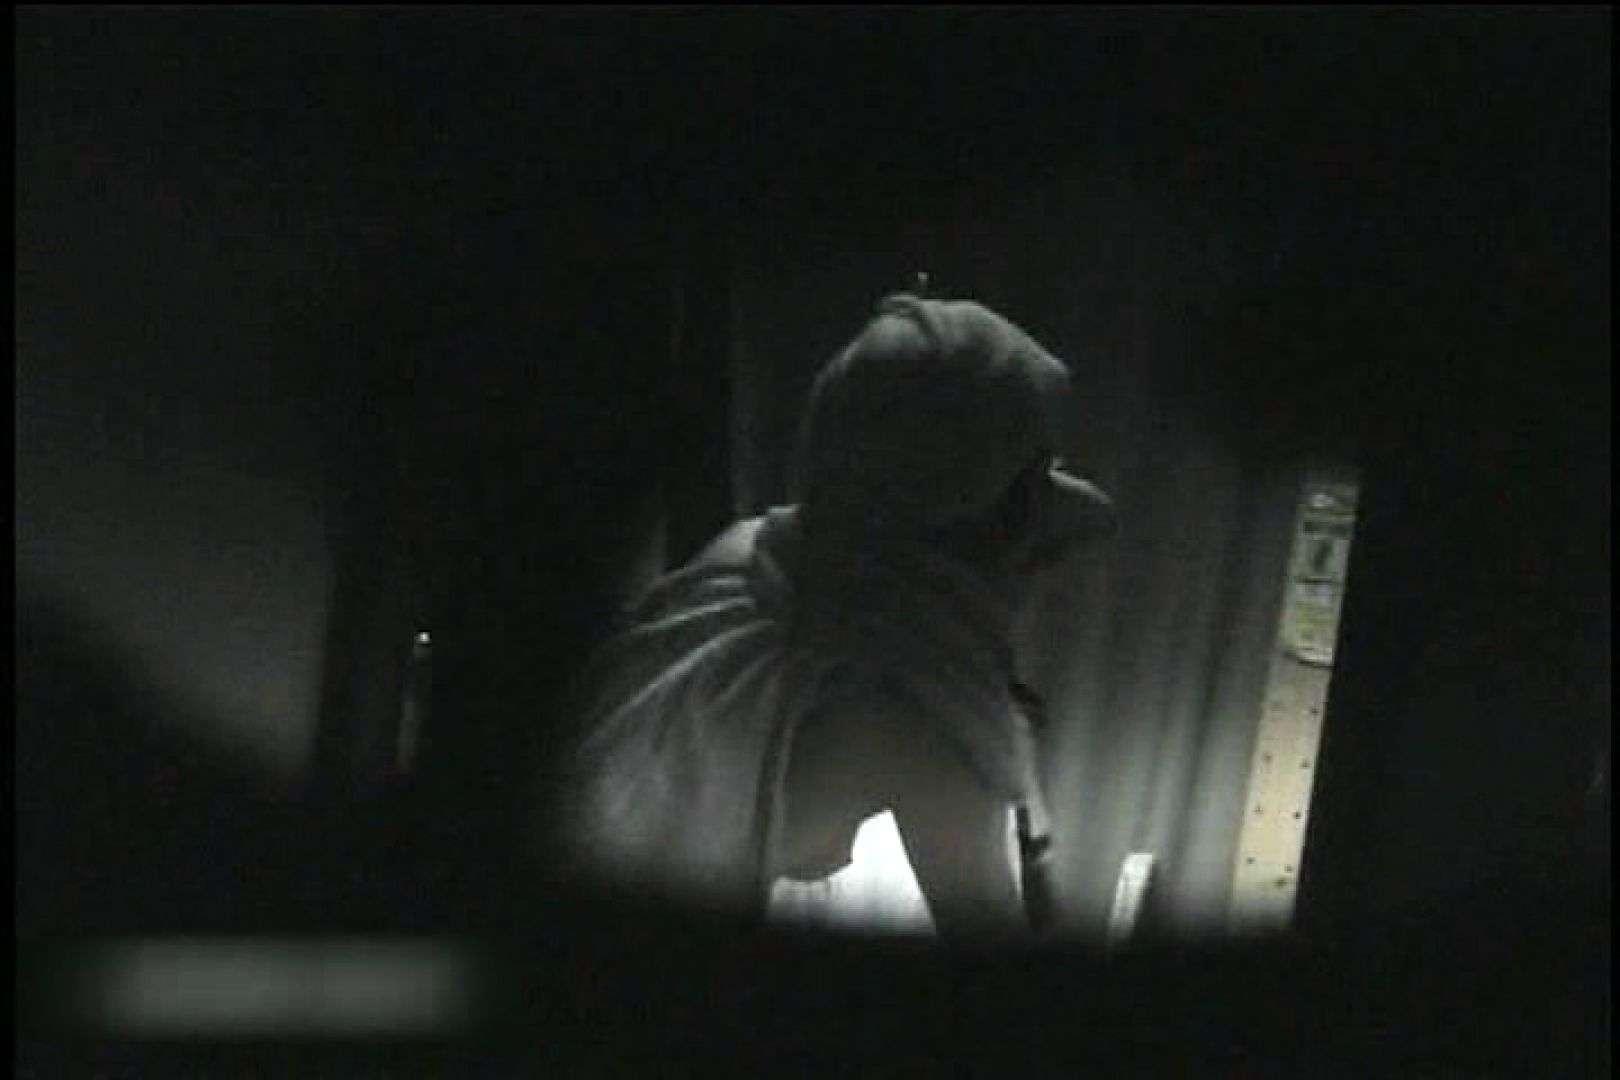 プライベートの極技!!Vol.14 覗き スケベ動画紹介 108pic 53